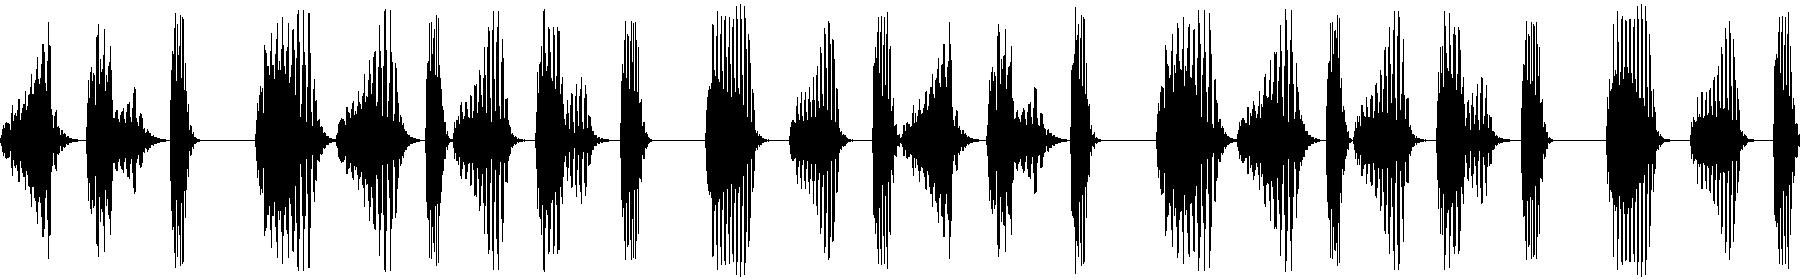 pth bass 16